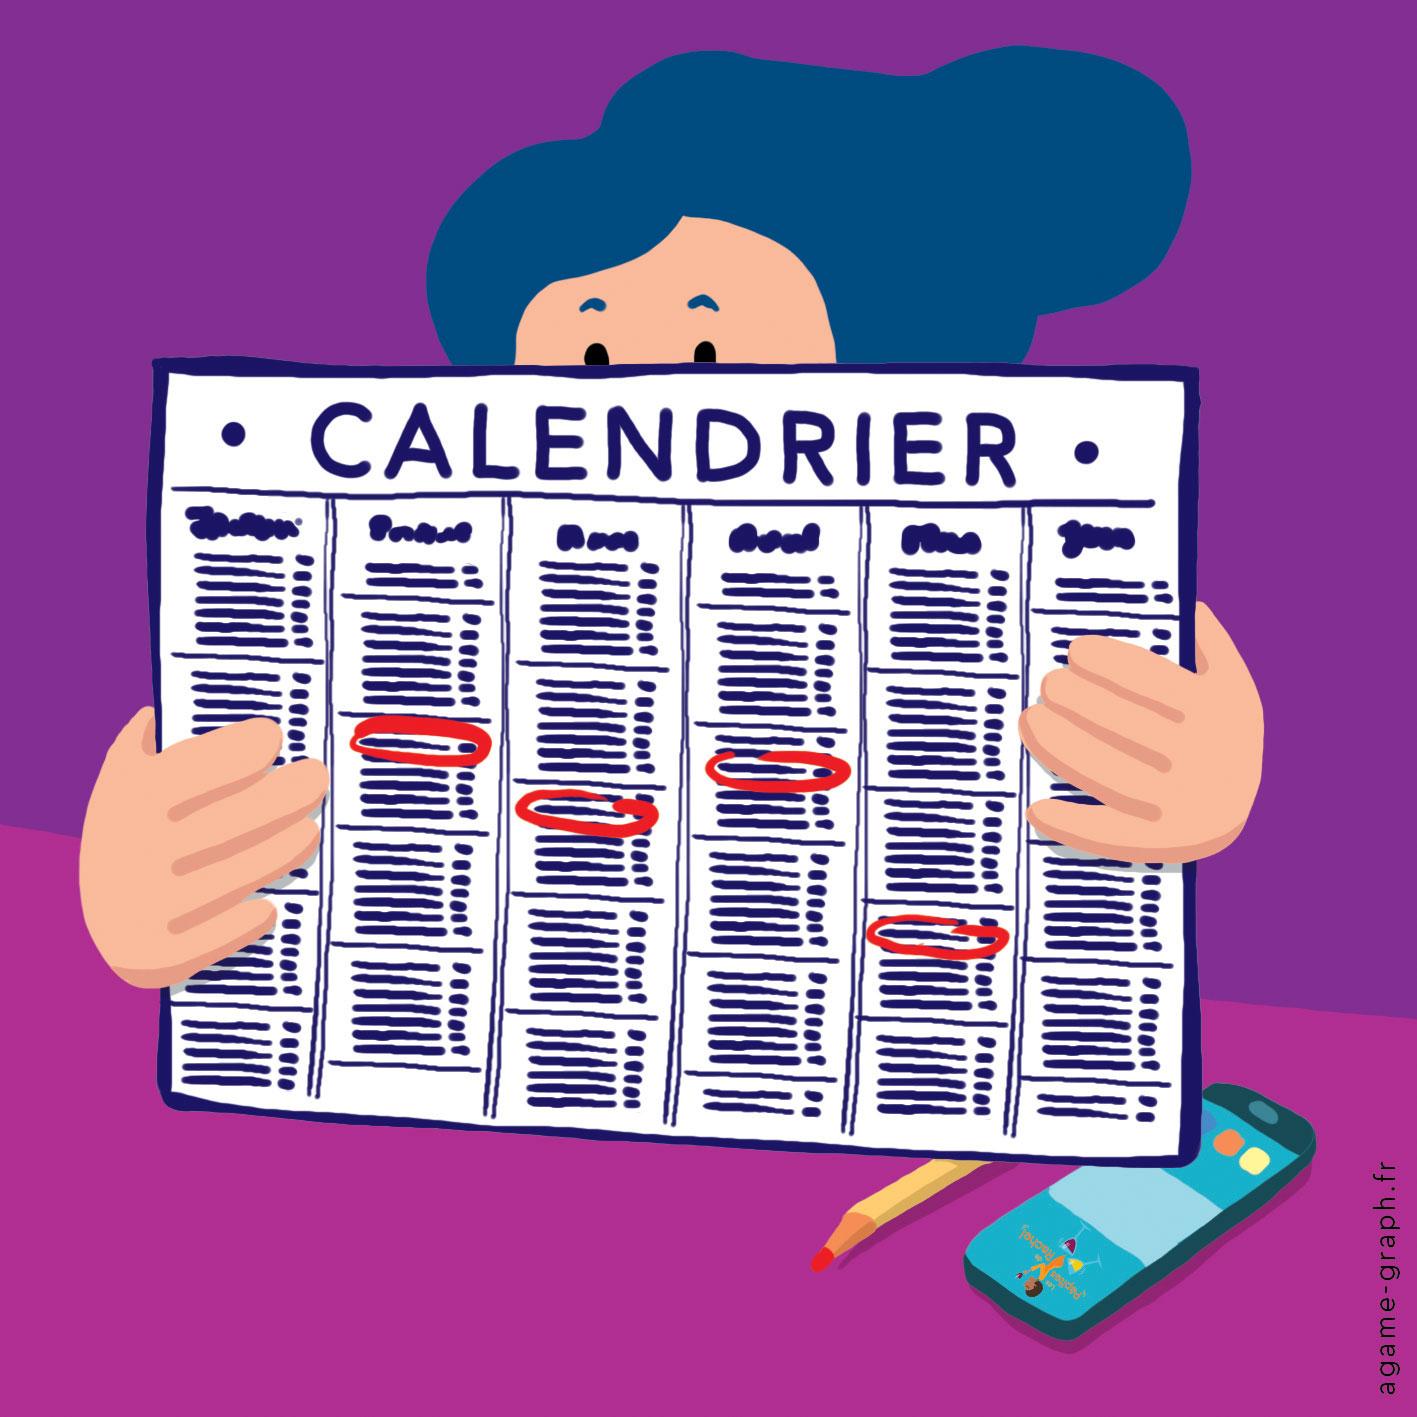 2.calendrier